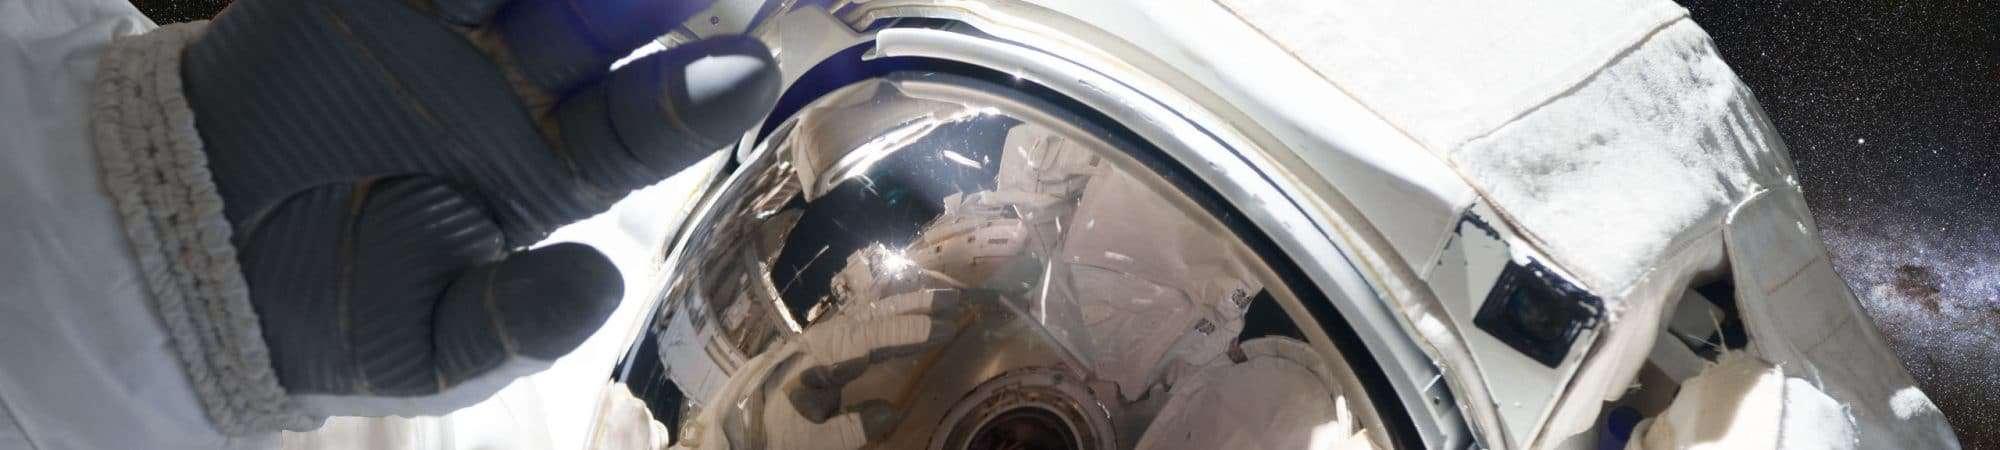 Imagem mostra um astronauta, em traje espacial completo, flutuando no espaço e acenando para a câmera